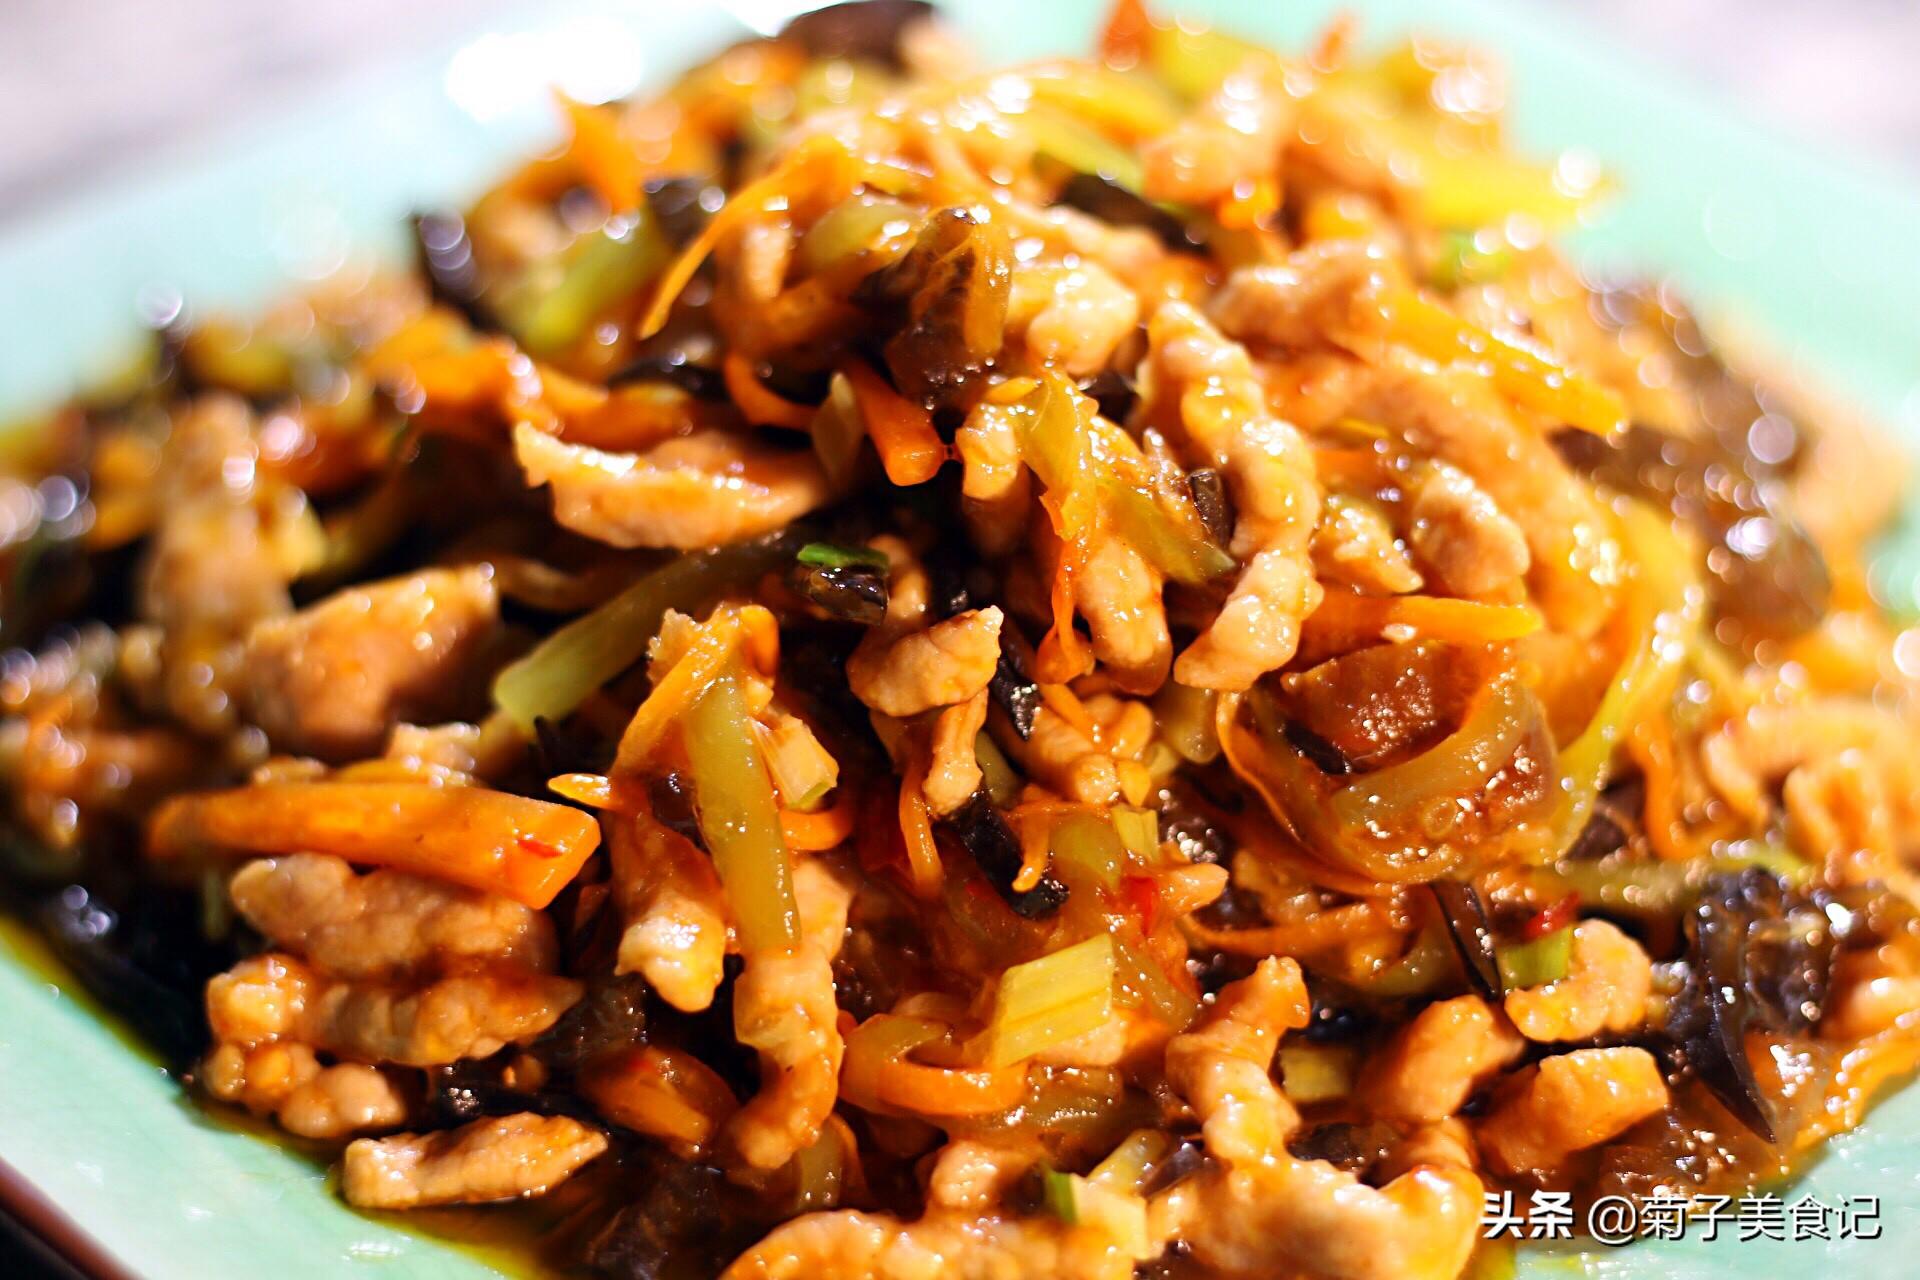 这12道川菜菜谱请收好,经典川味,色香俱全,过年回家就要露一手 川菜菜谱 第8张